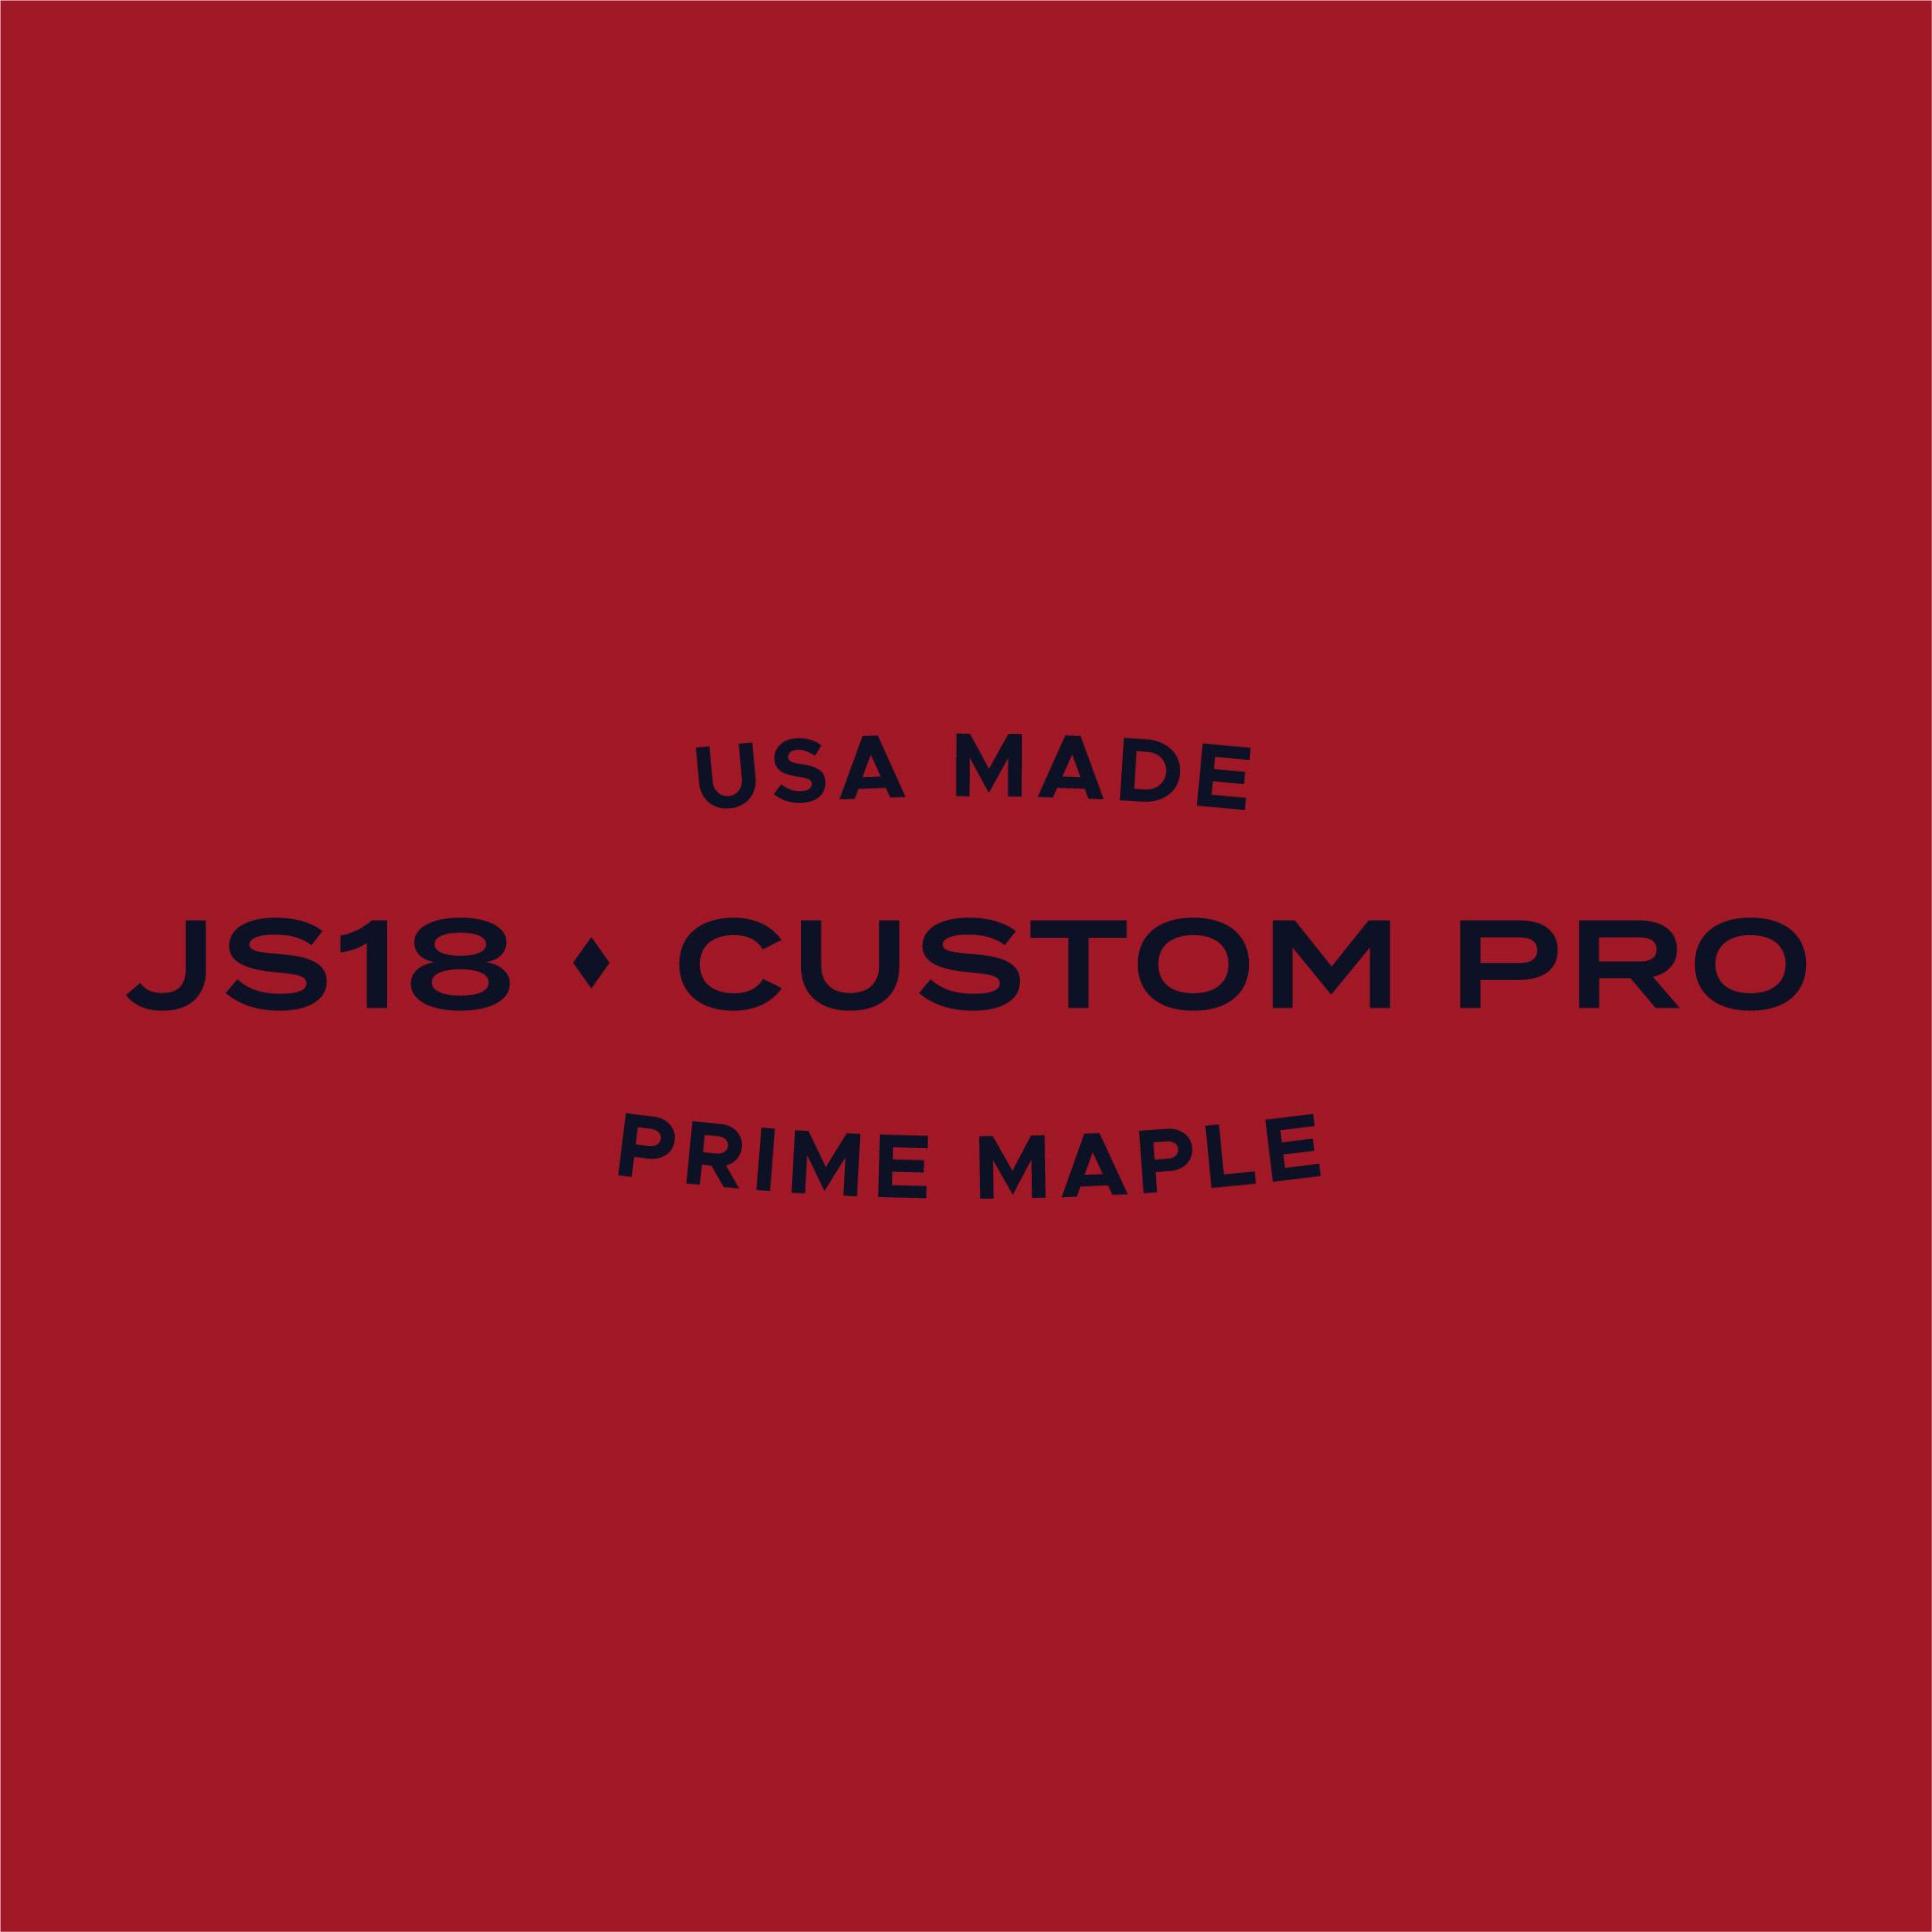 js18 custom pro